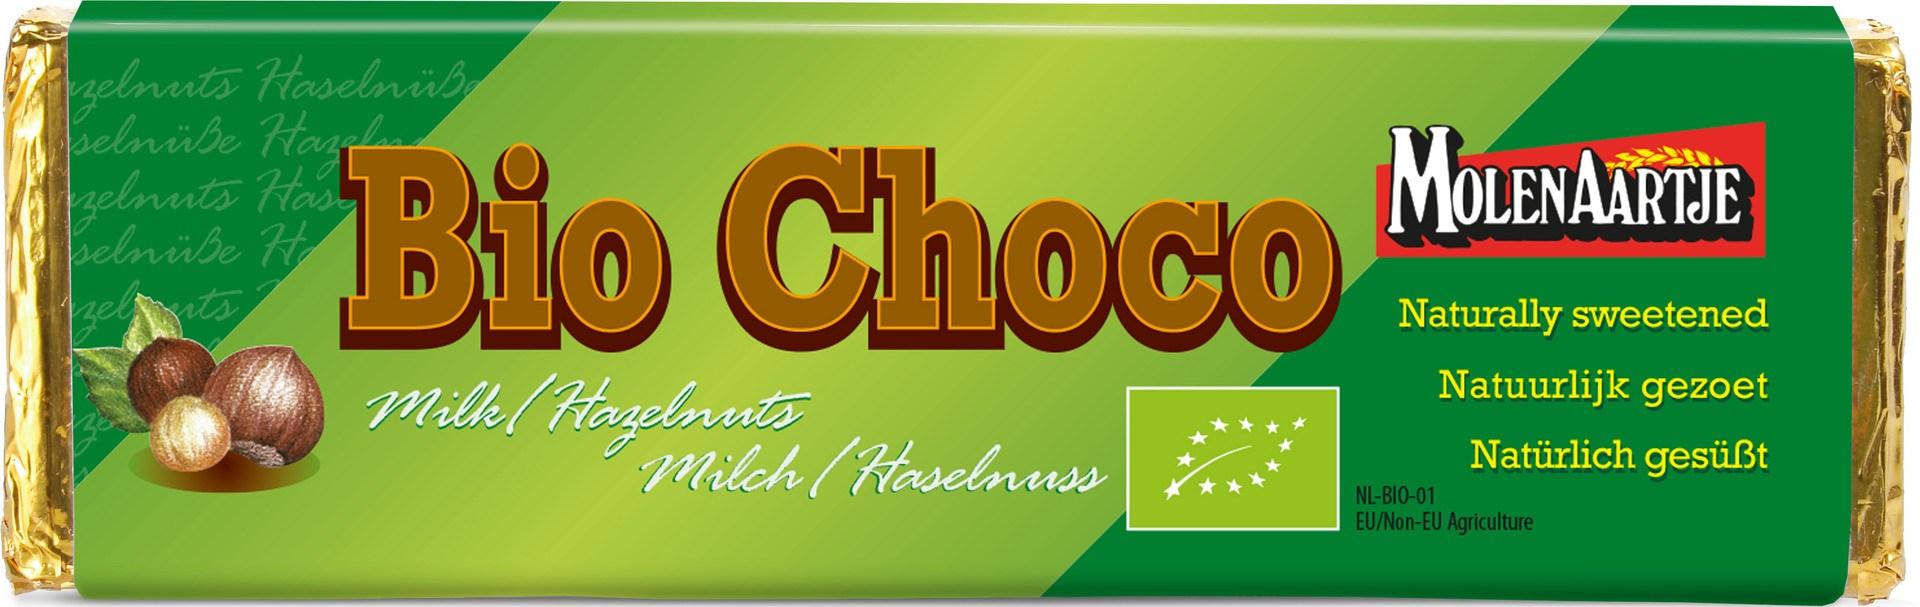 Biologische Molenaartje Melkchocolade - hazelnoot 65 gr